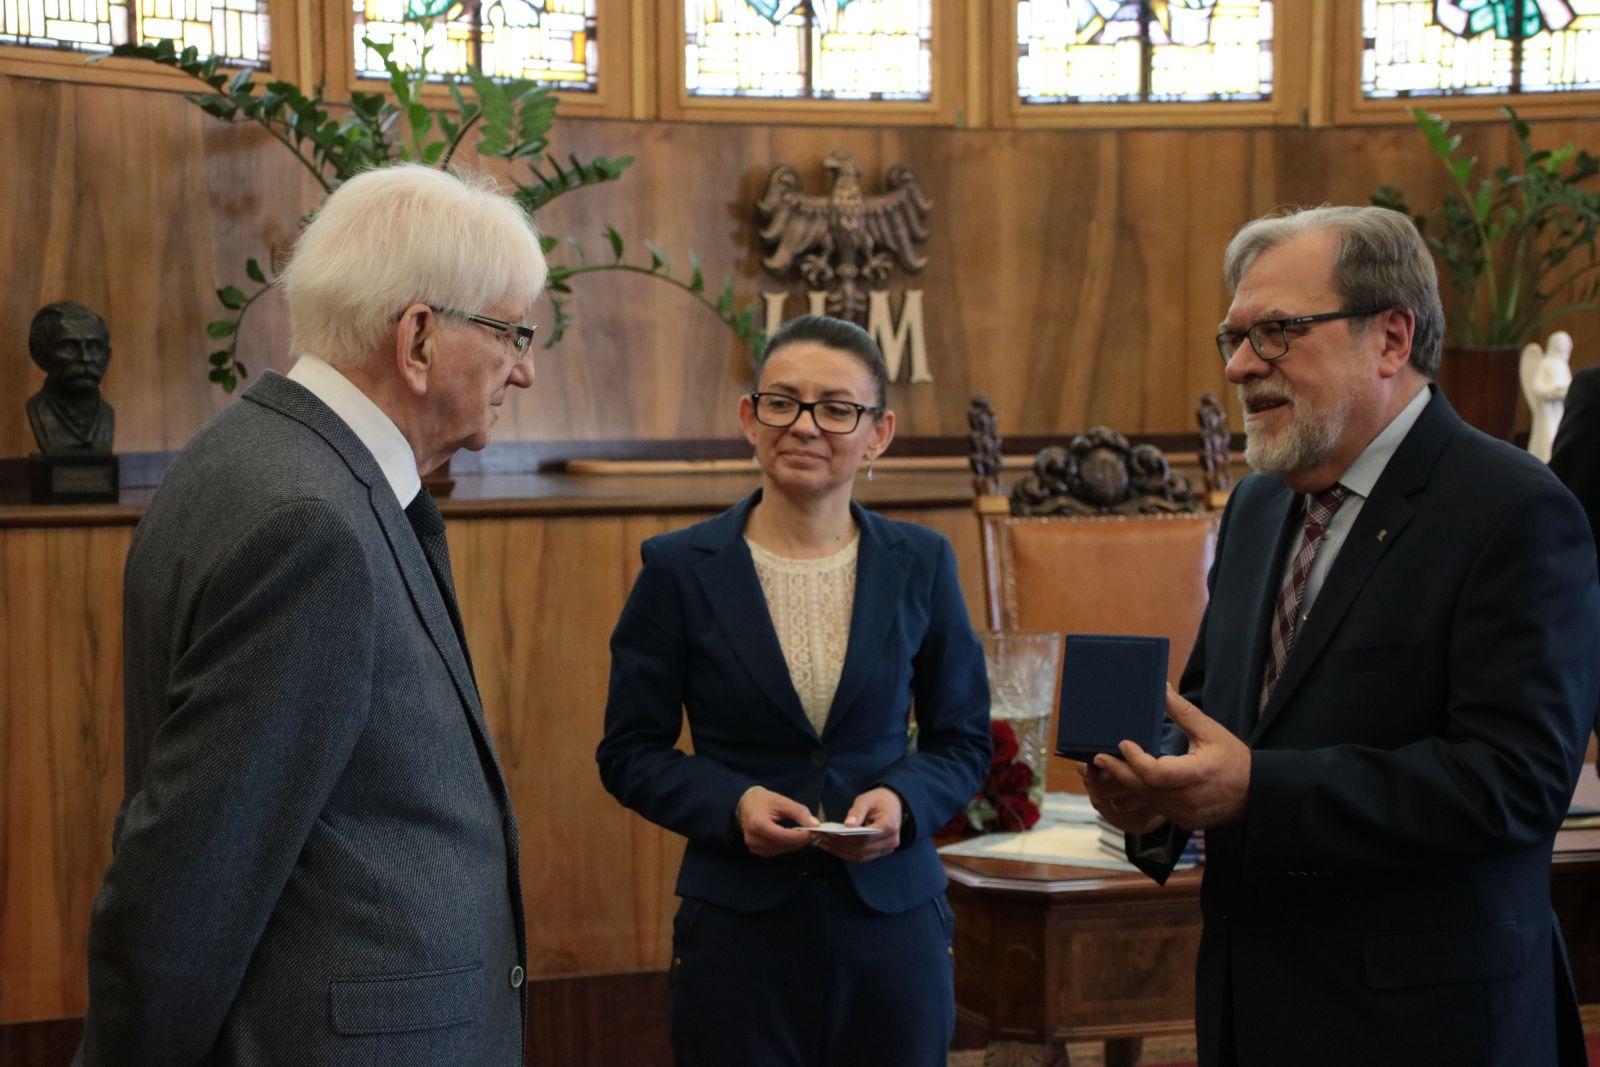 Zdjęcie - Rektor UAM rozmawia z prof. Olszewskim